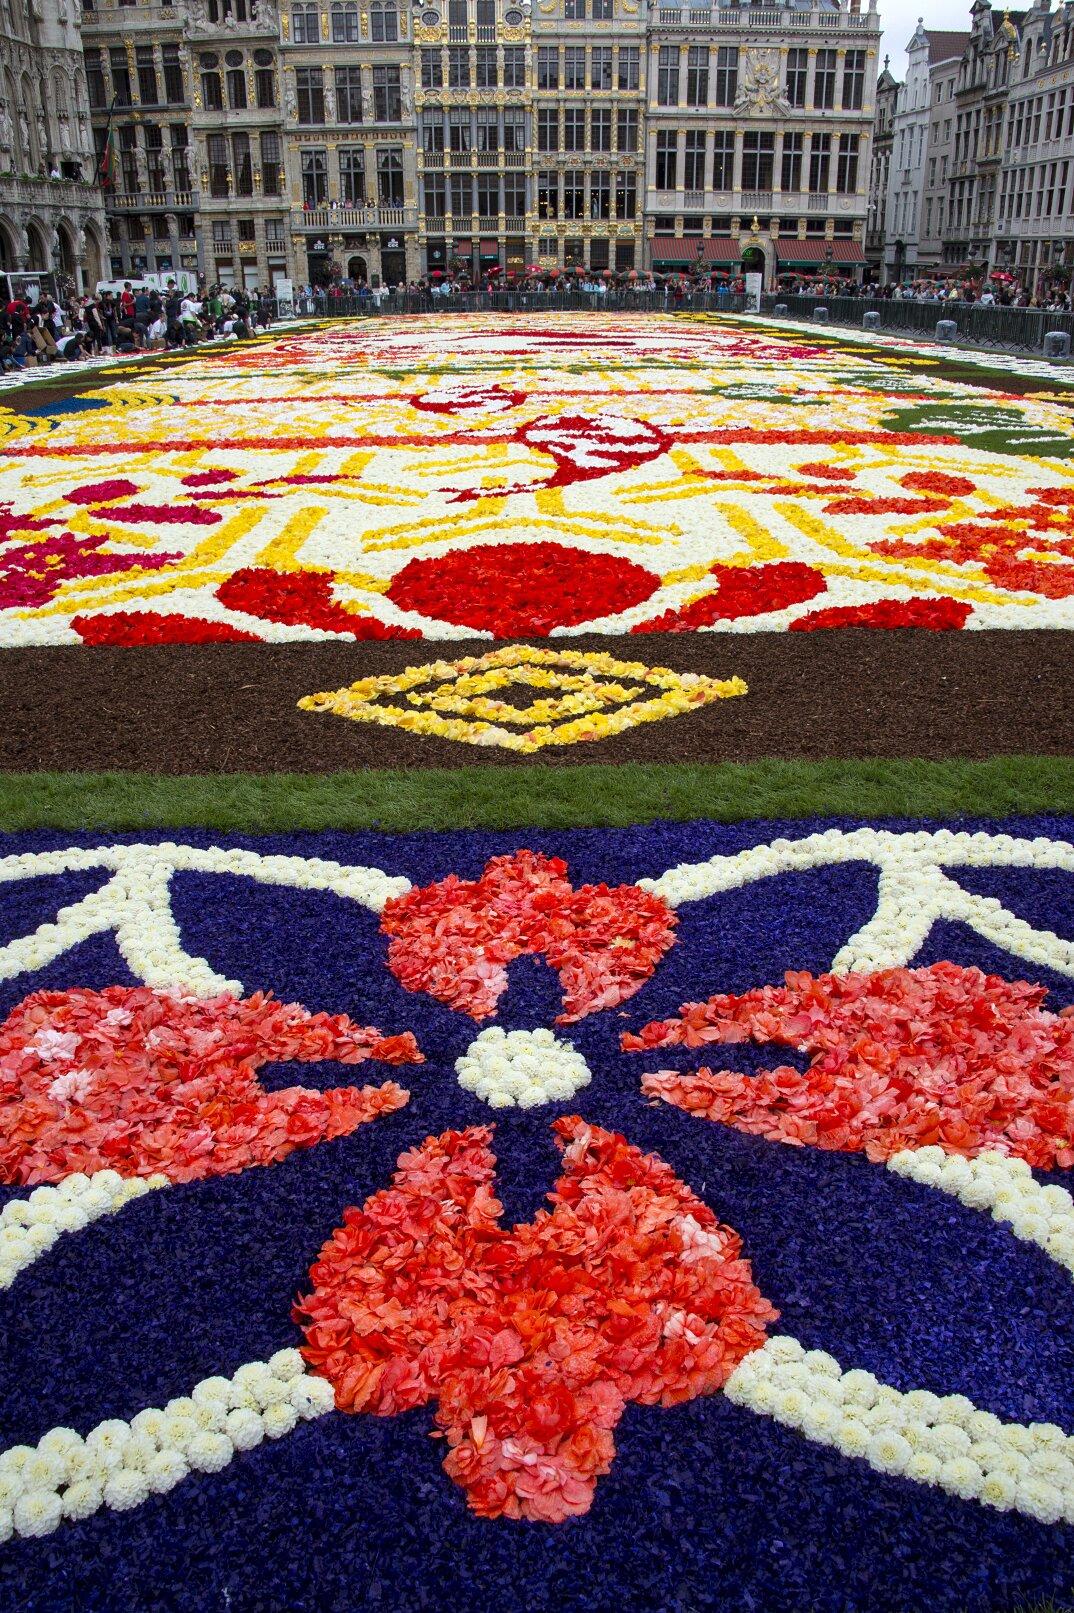 tappeto-fiori-petali-street-art-tapis-de-fleur-grand-place-bruxelles-17